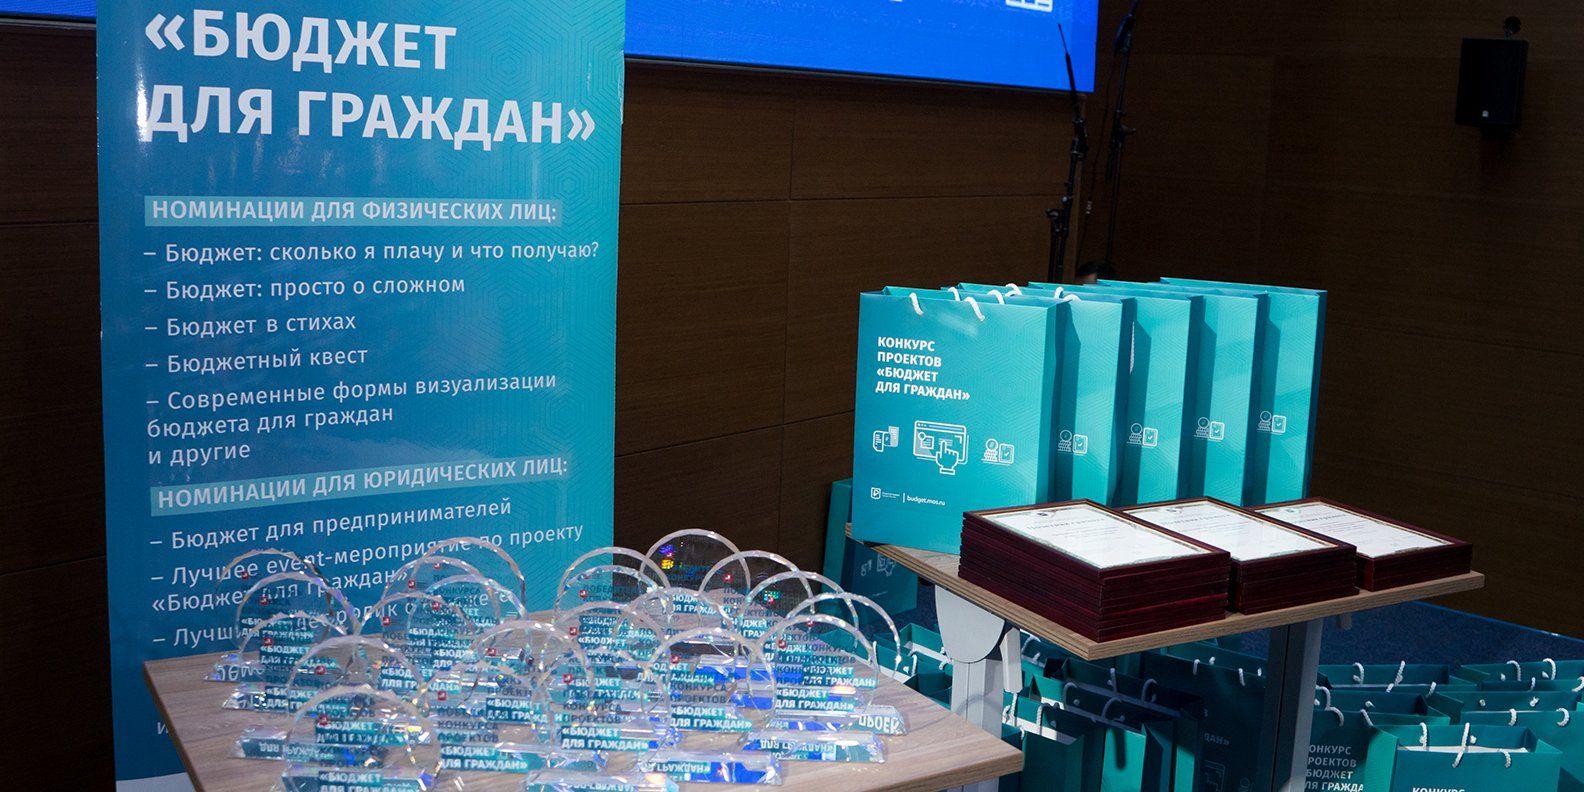 Прием заявок на конкурс «Бюджет для граждан» стартовал в Москве